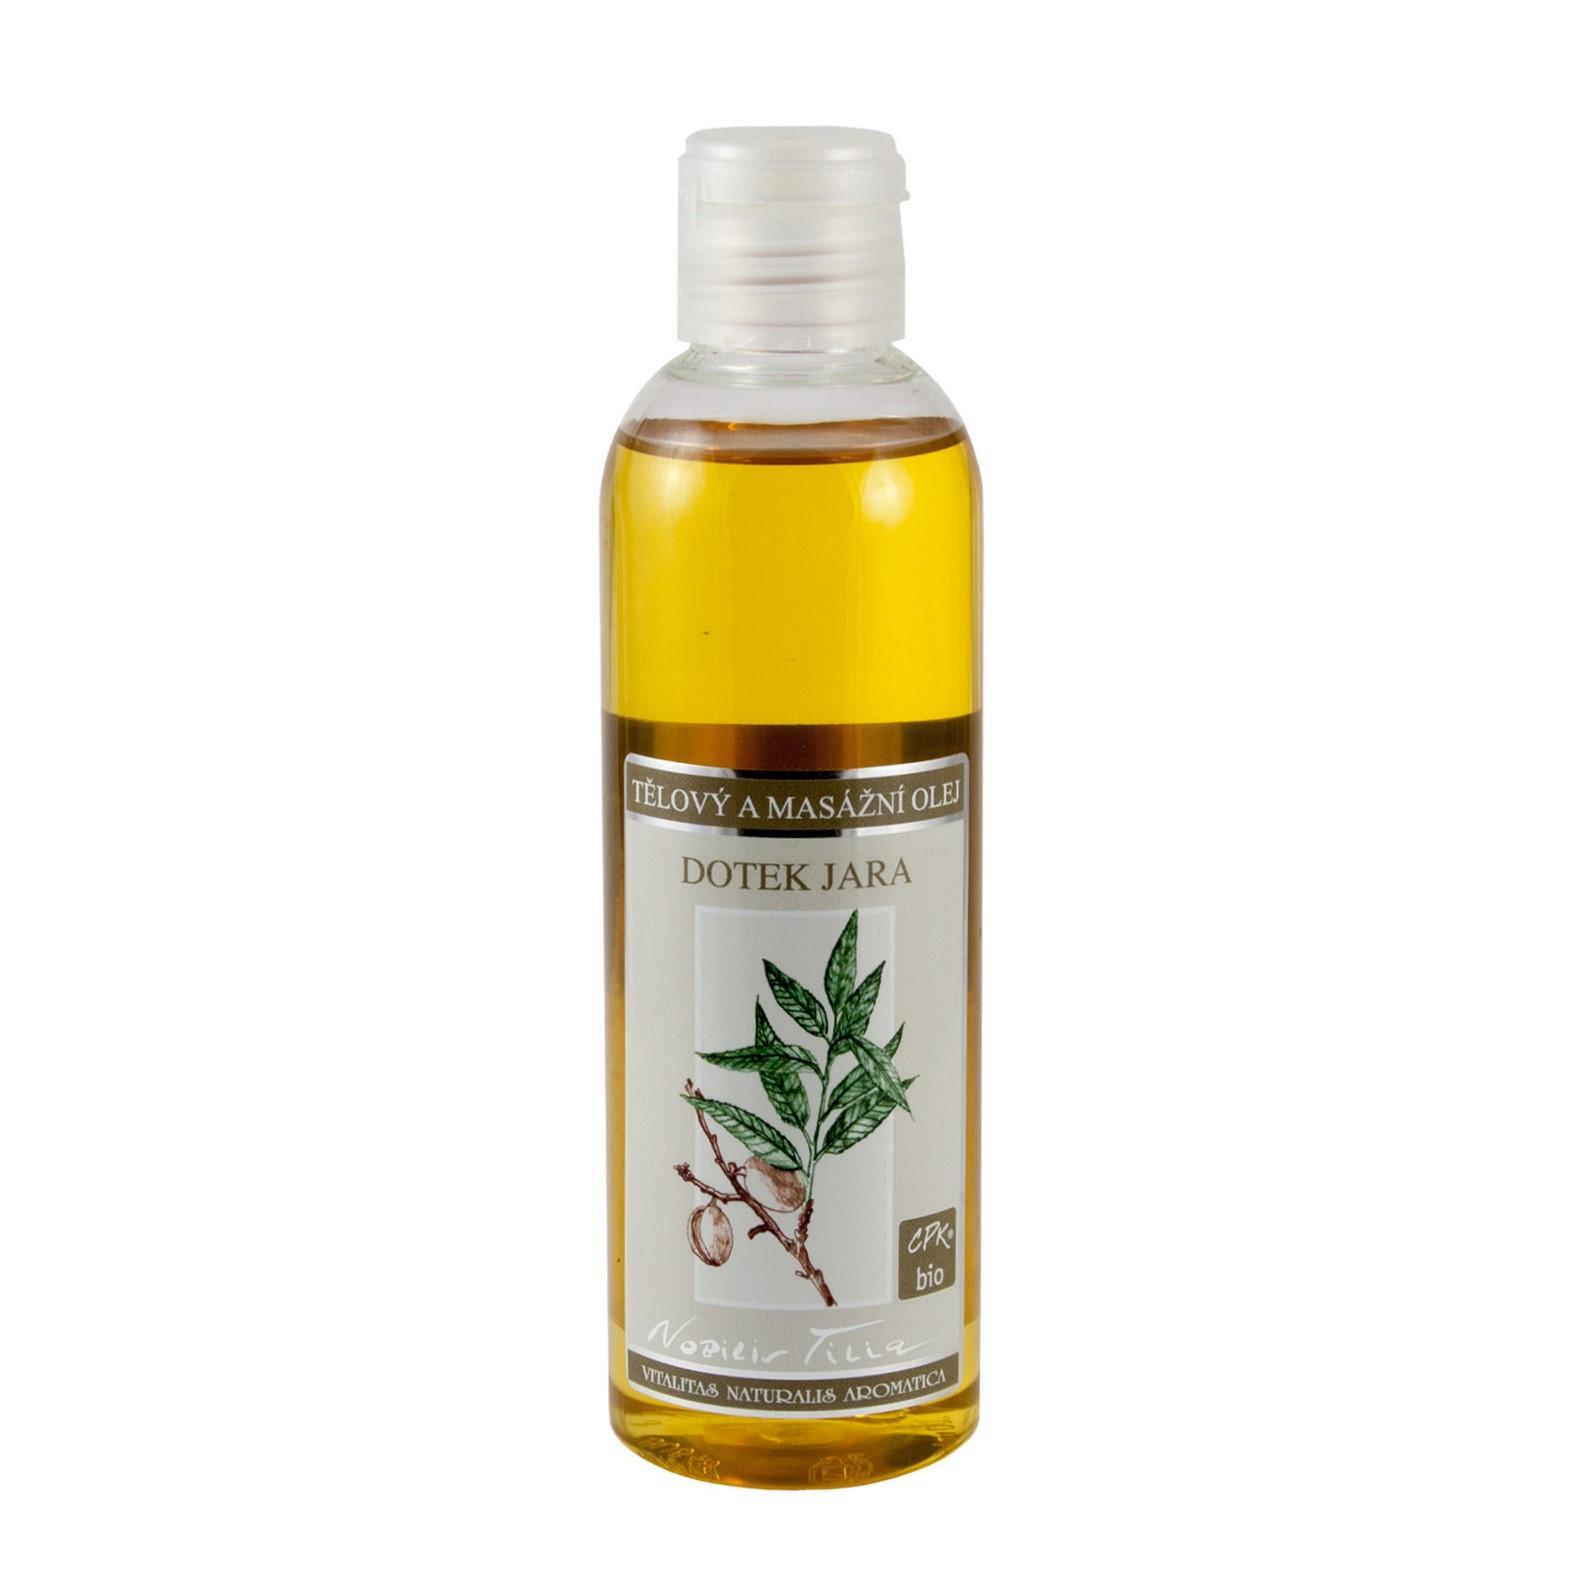 Nobilis Tilia Tělový a masážní olej Dotek jara 200 ml